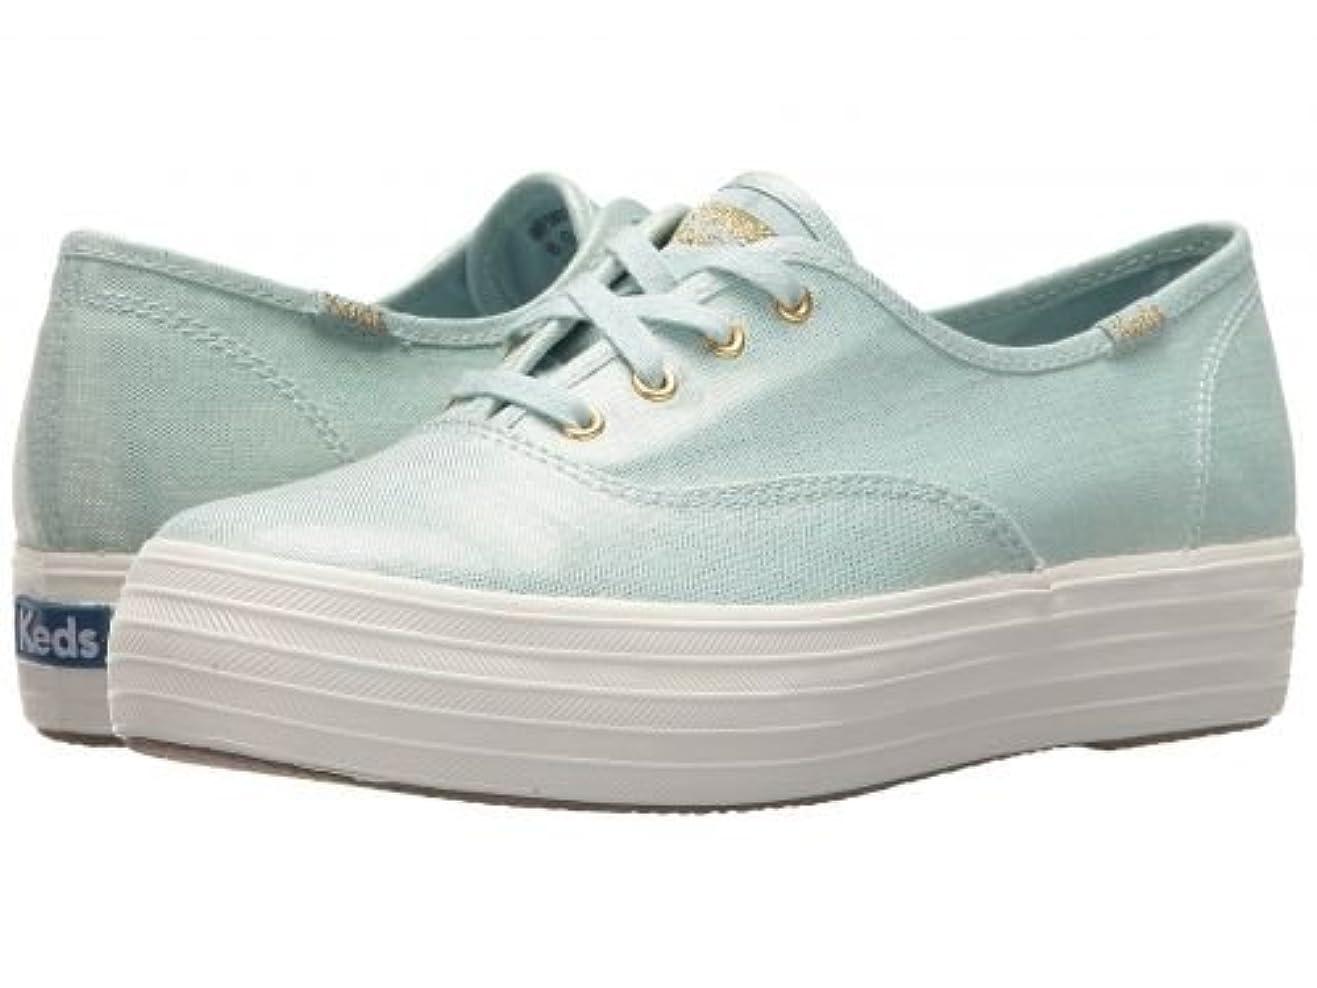 非武装化写真適格Keds(ケッズ) レディース 女性用 シューズ 靴 スニーカー 運動靴 Triple Metallic Linen - Light Blue [並行輸入品]